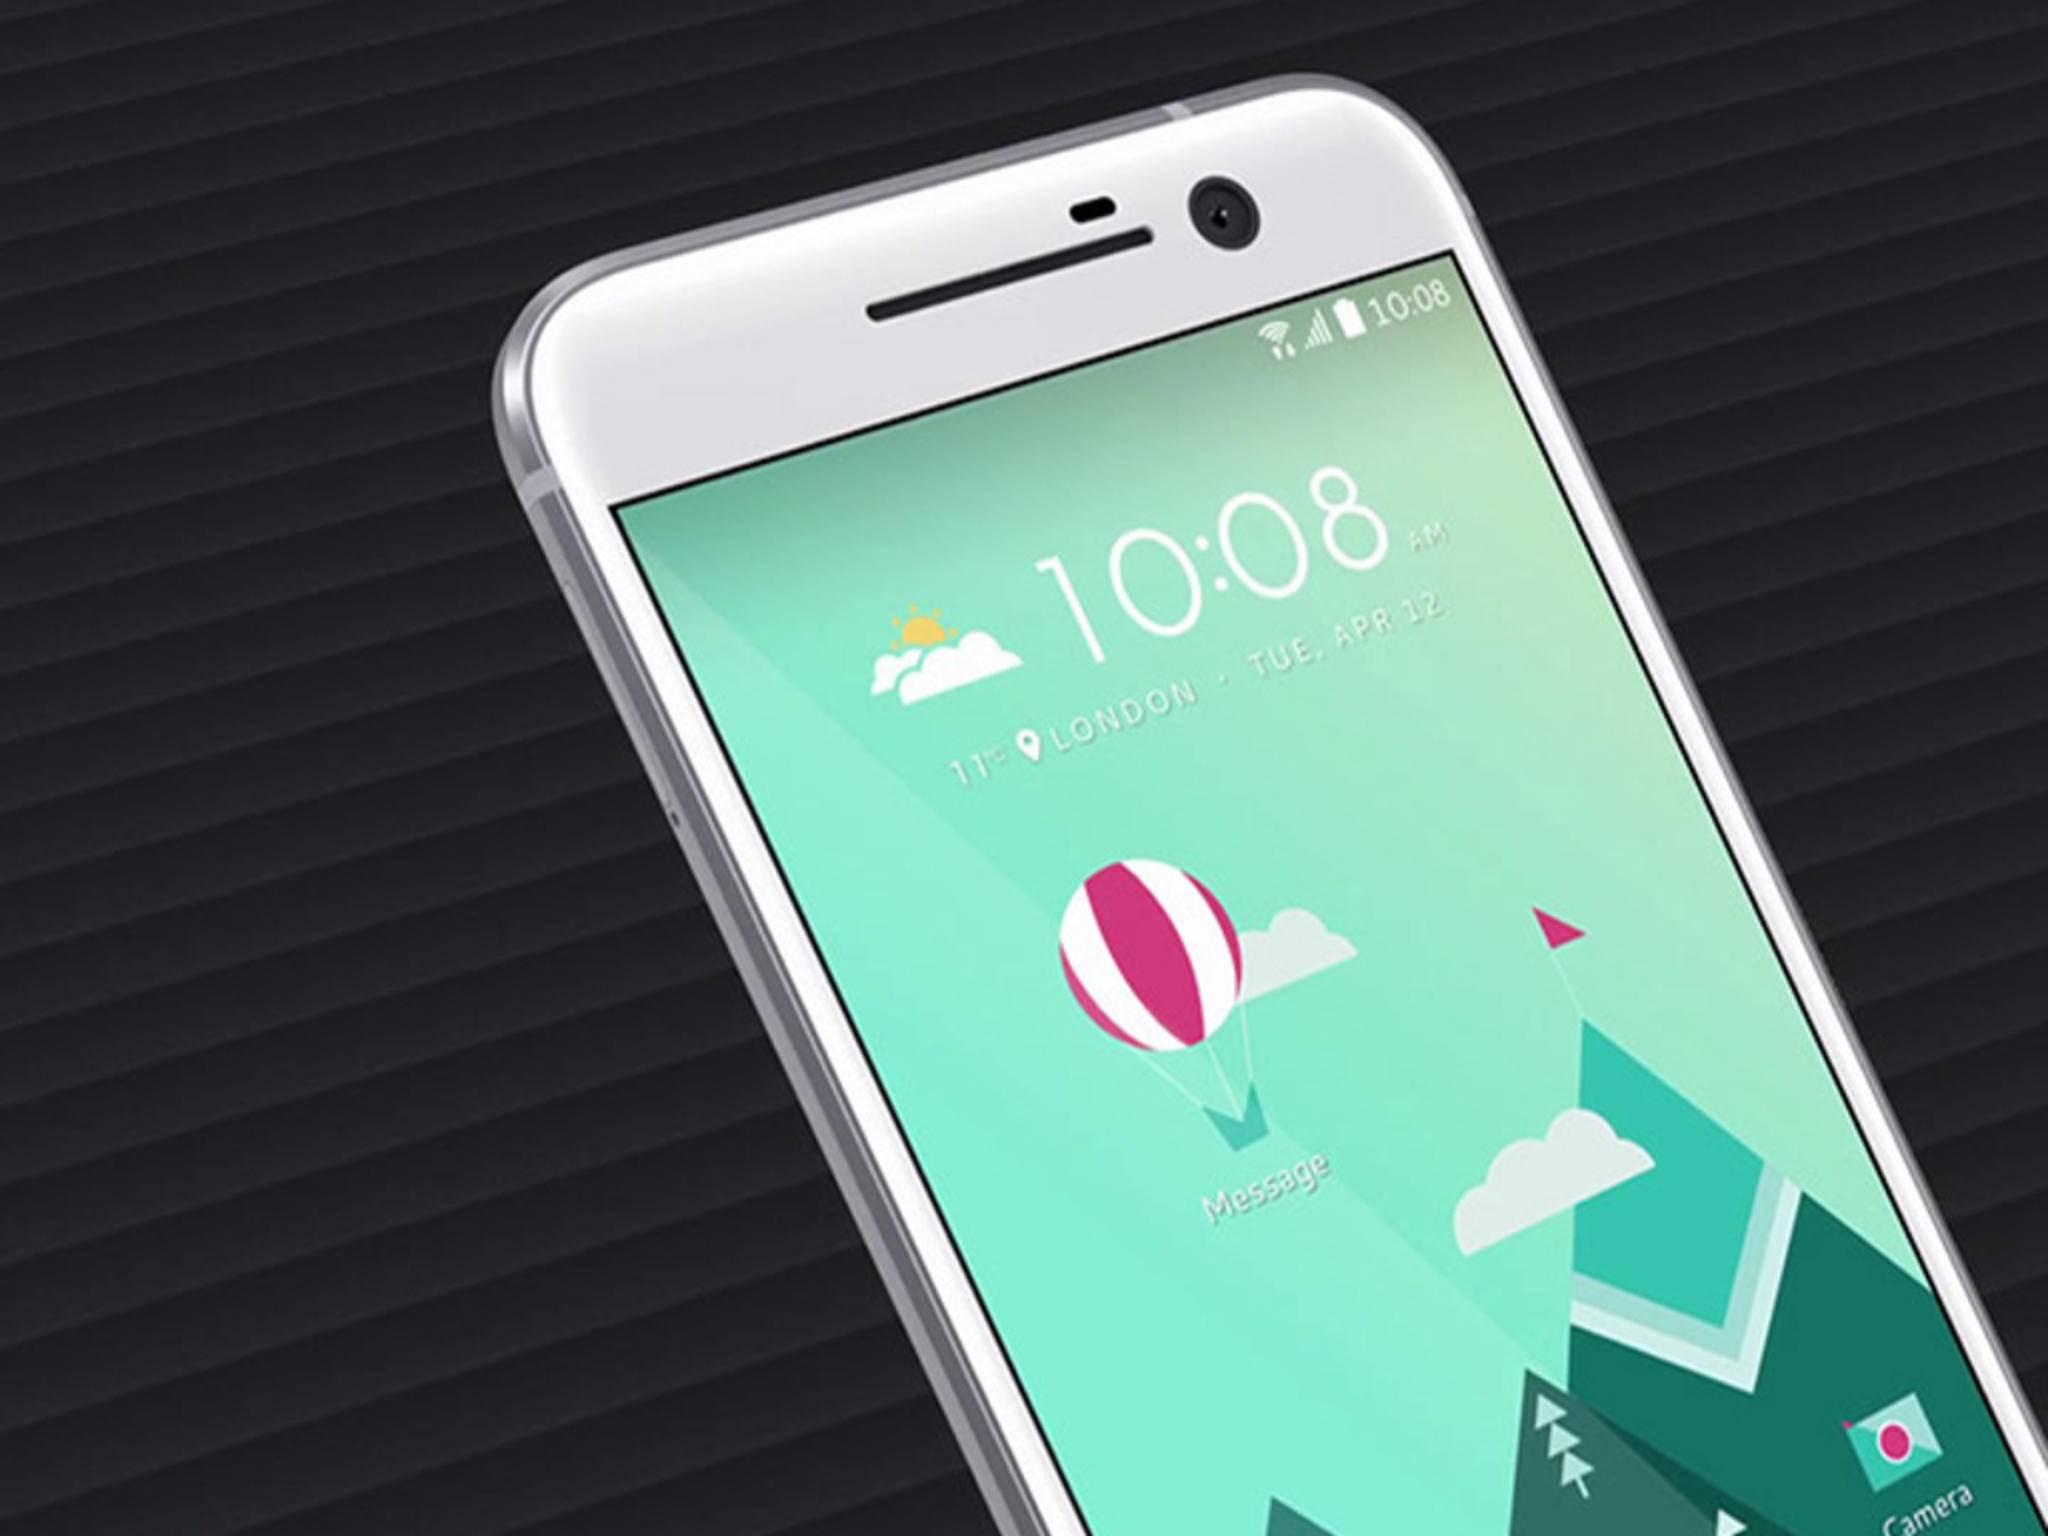 Das HTC 10 soll den taiwanesischen Hersteller wieder in die Spur bringen.